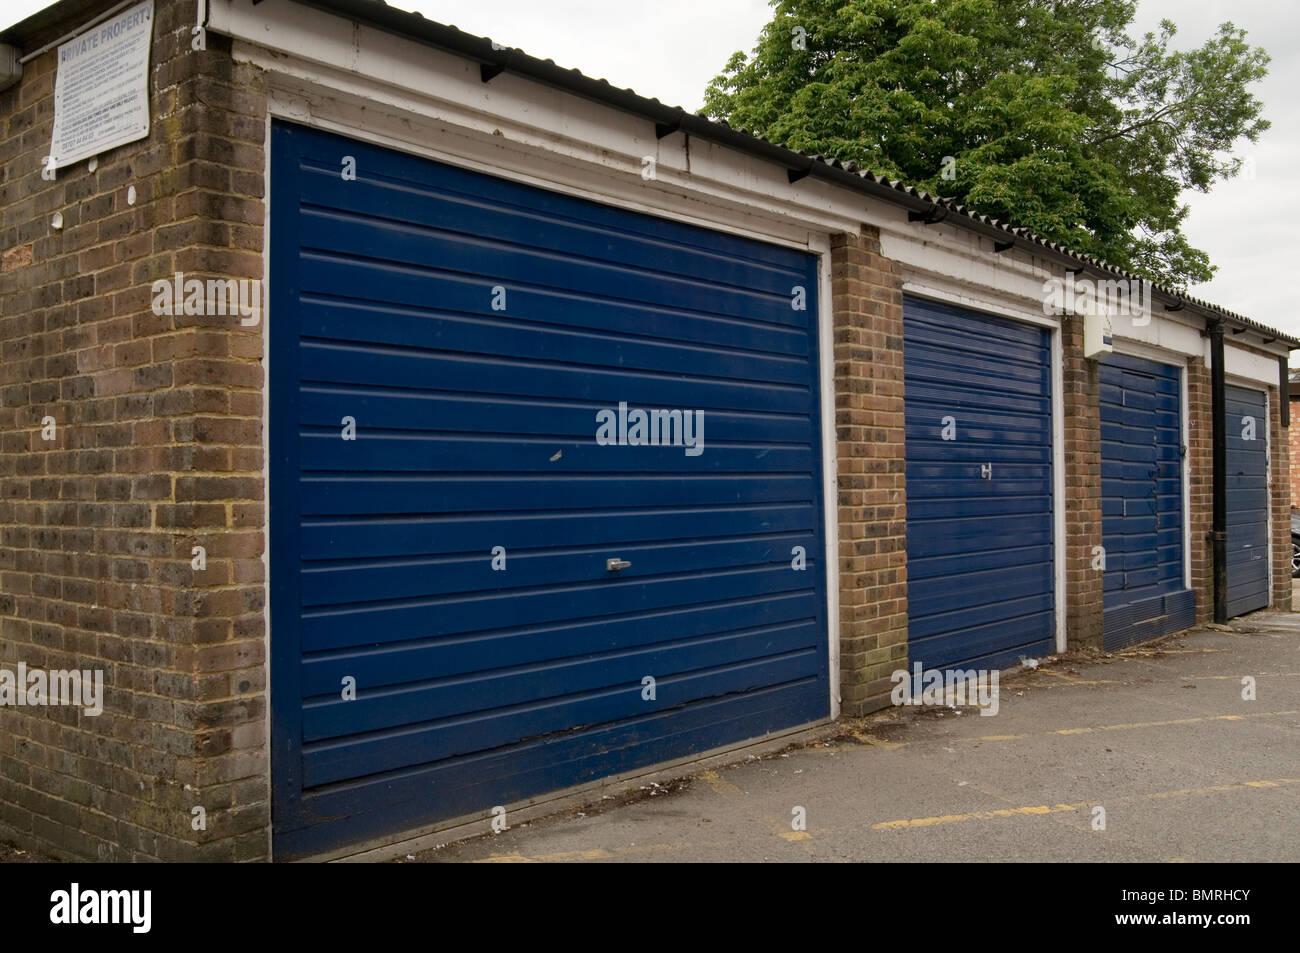 Abschließbare Garage Garagen Karzer Hänger USV Del Boy Auto Metalltür Türen  Lagerung Lagerung Zeile Zeilen Flache Wohnungen Dach Dächer